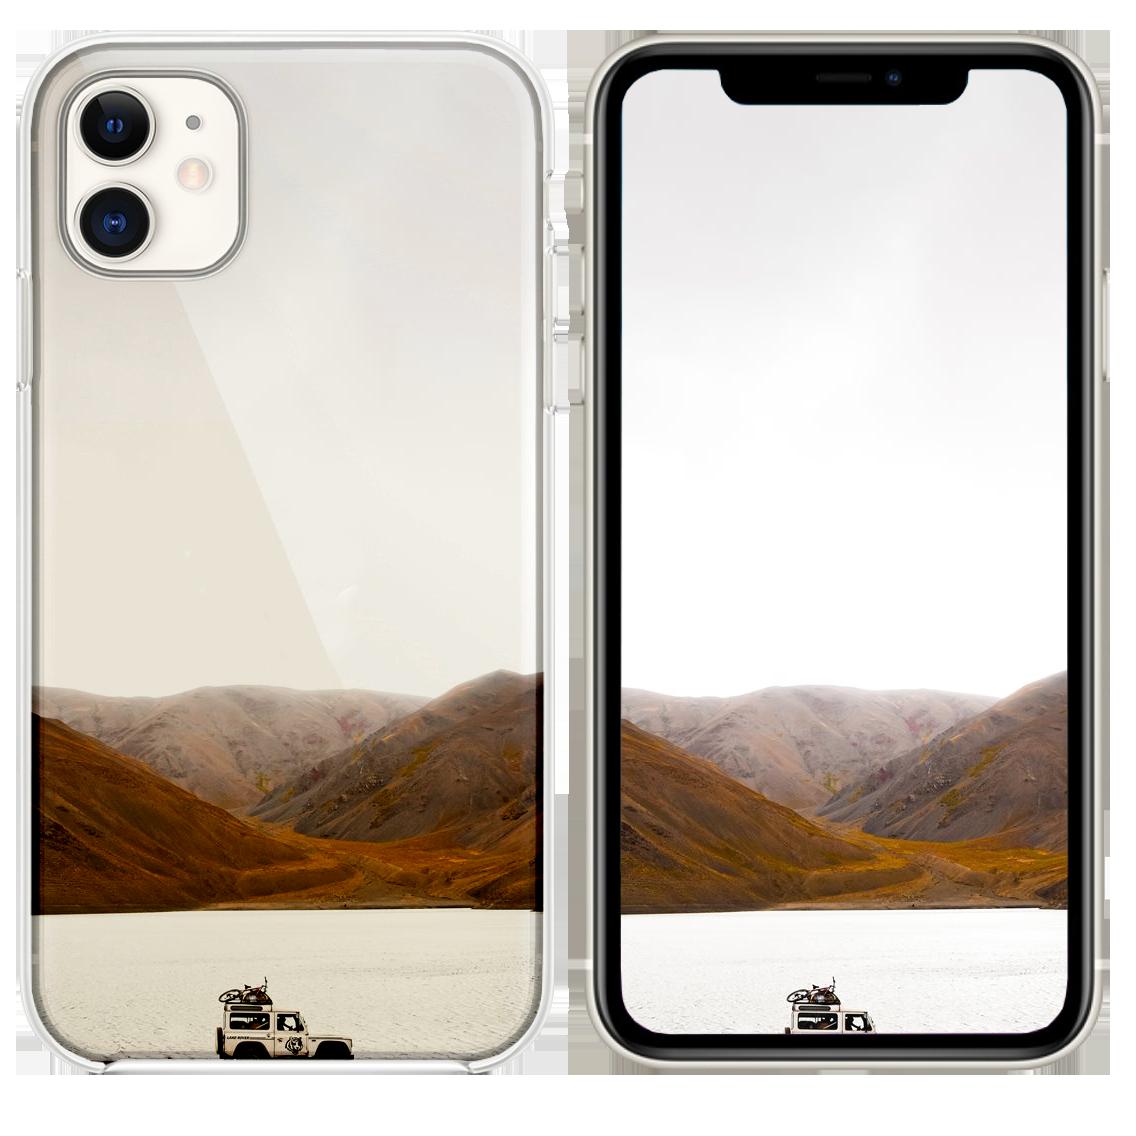 Through the Dream iPhone 11 case